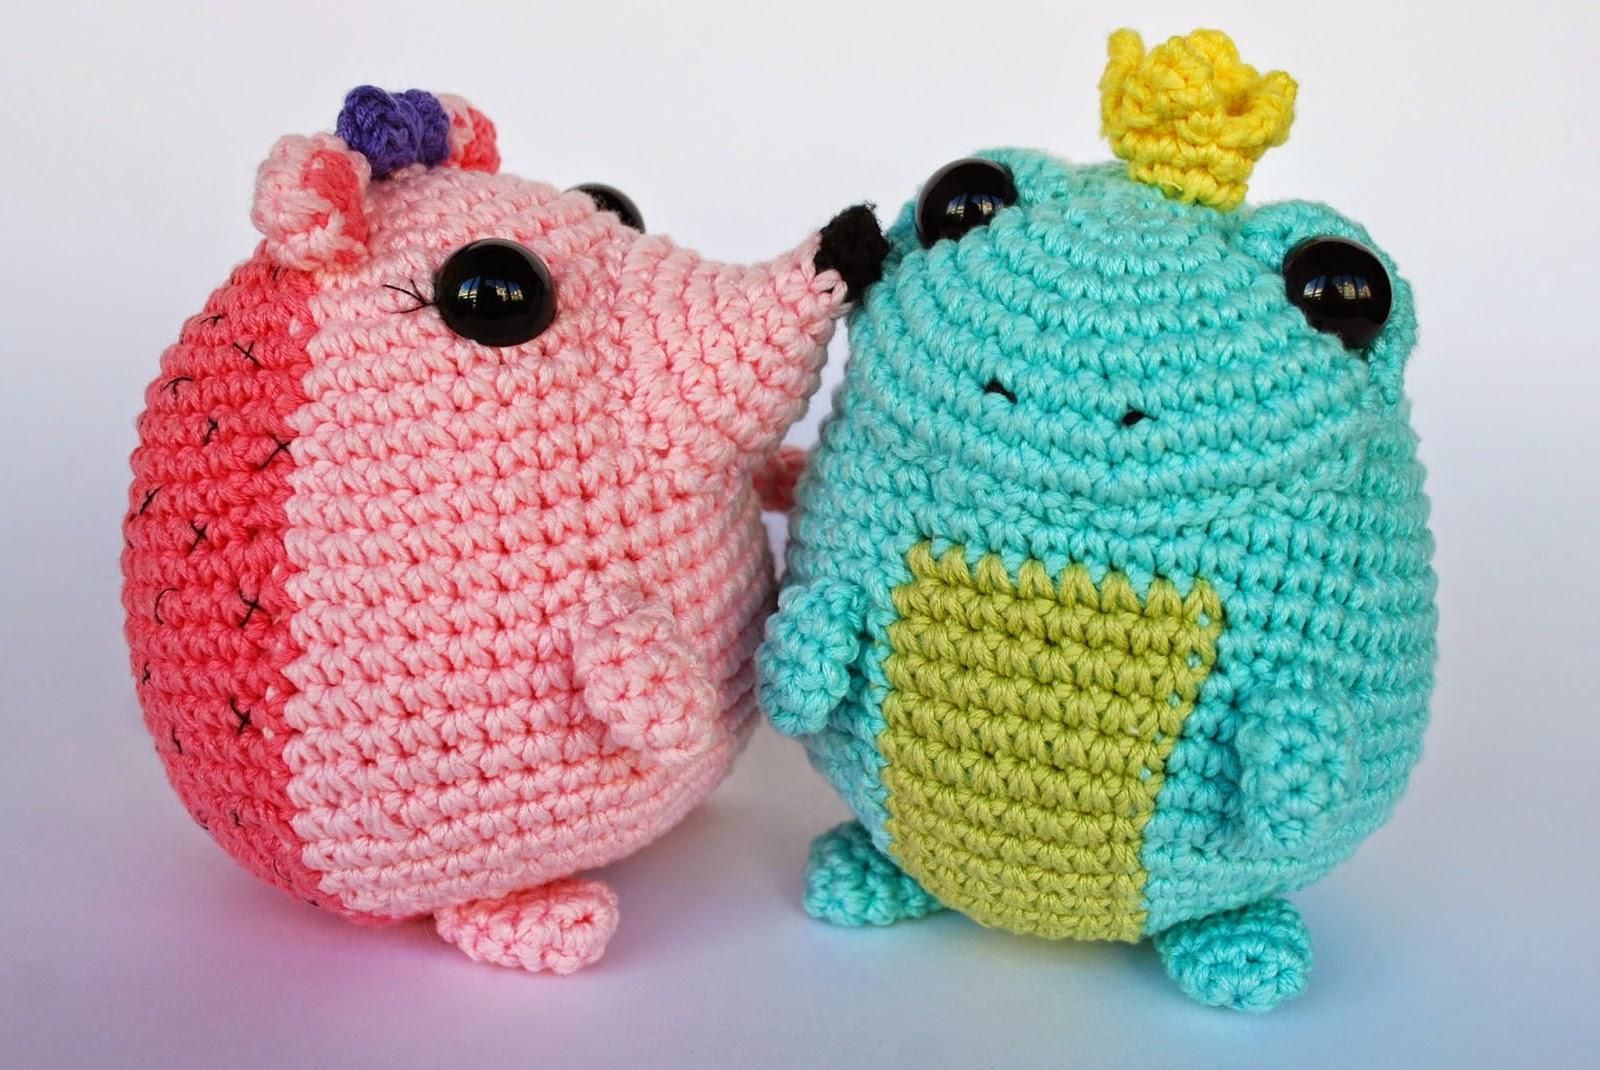 amigurumi toad and hedgehog